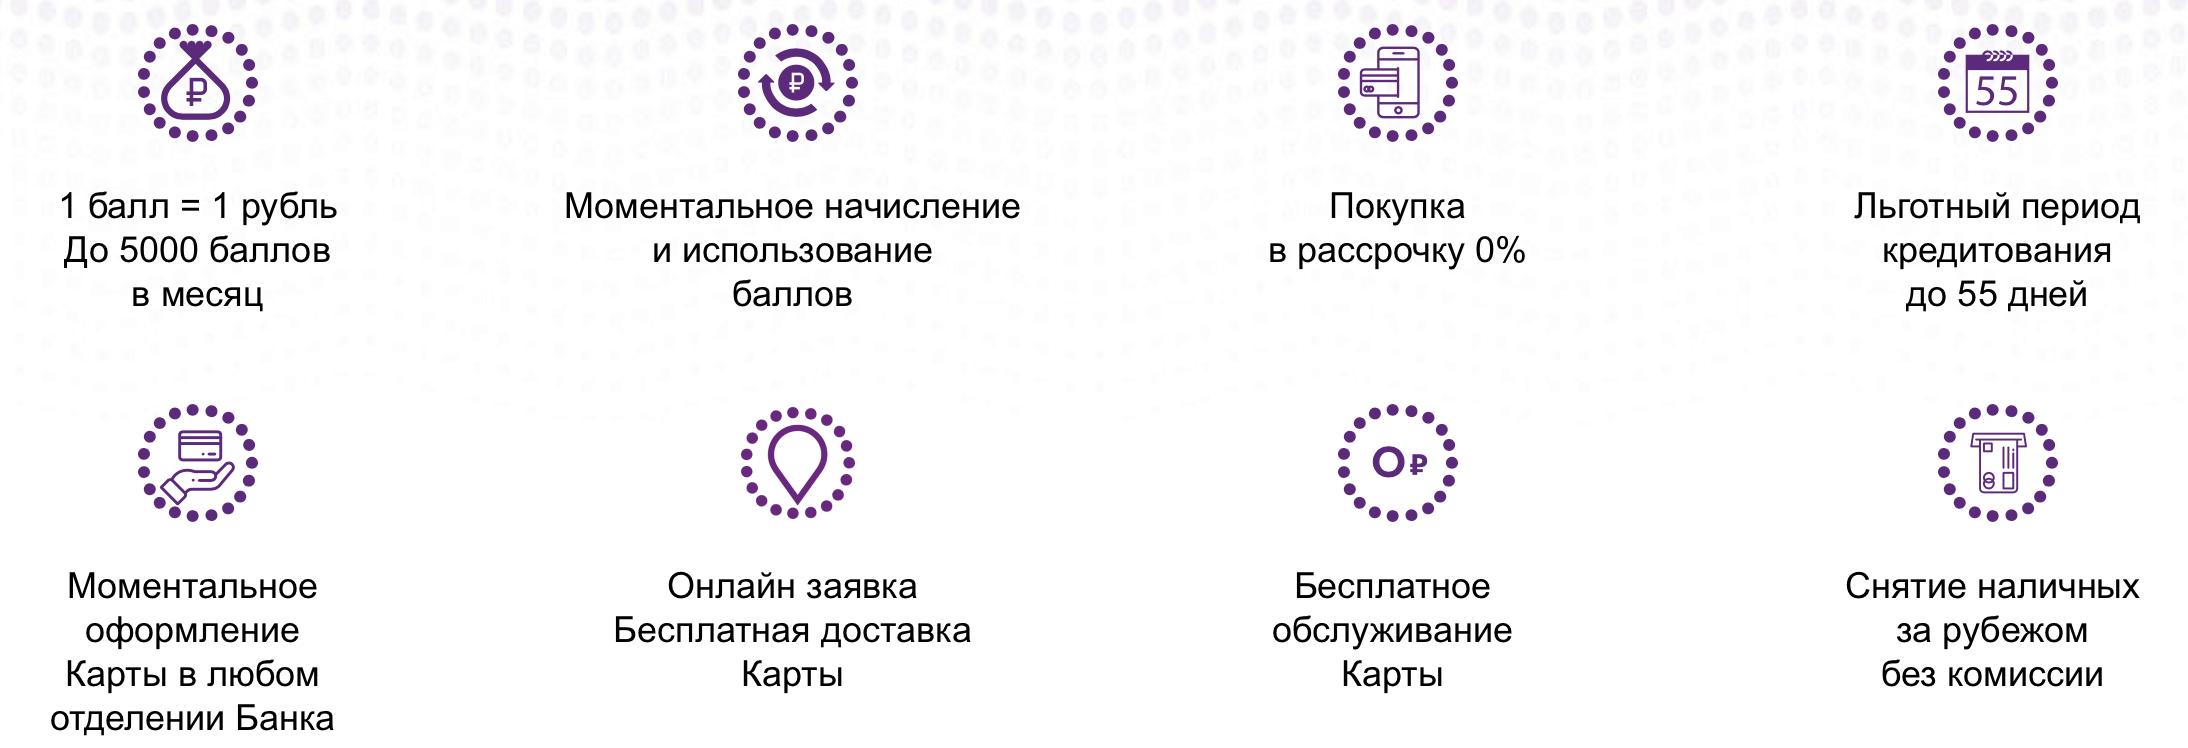 Плюсы и минусы Урбан